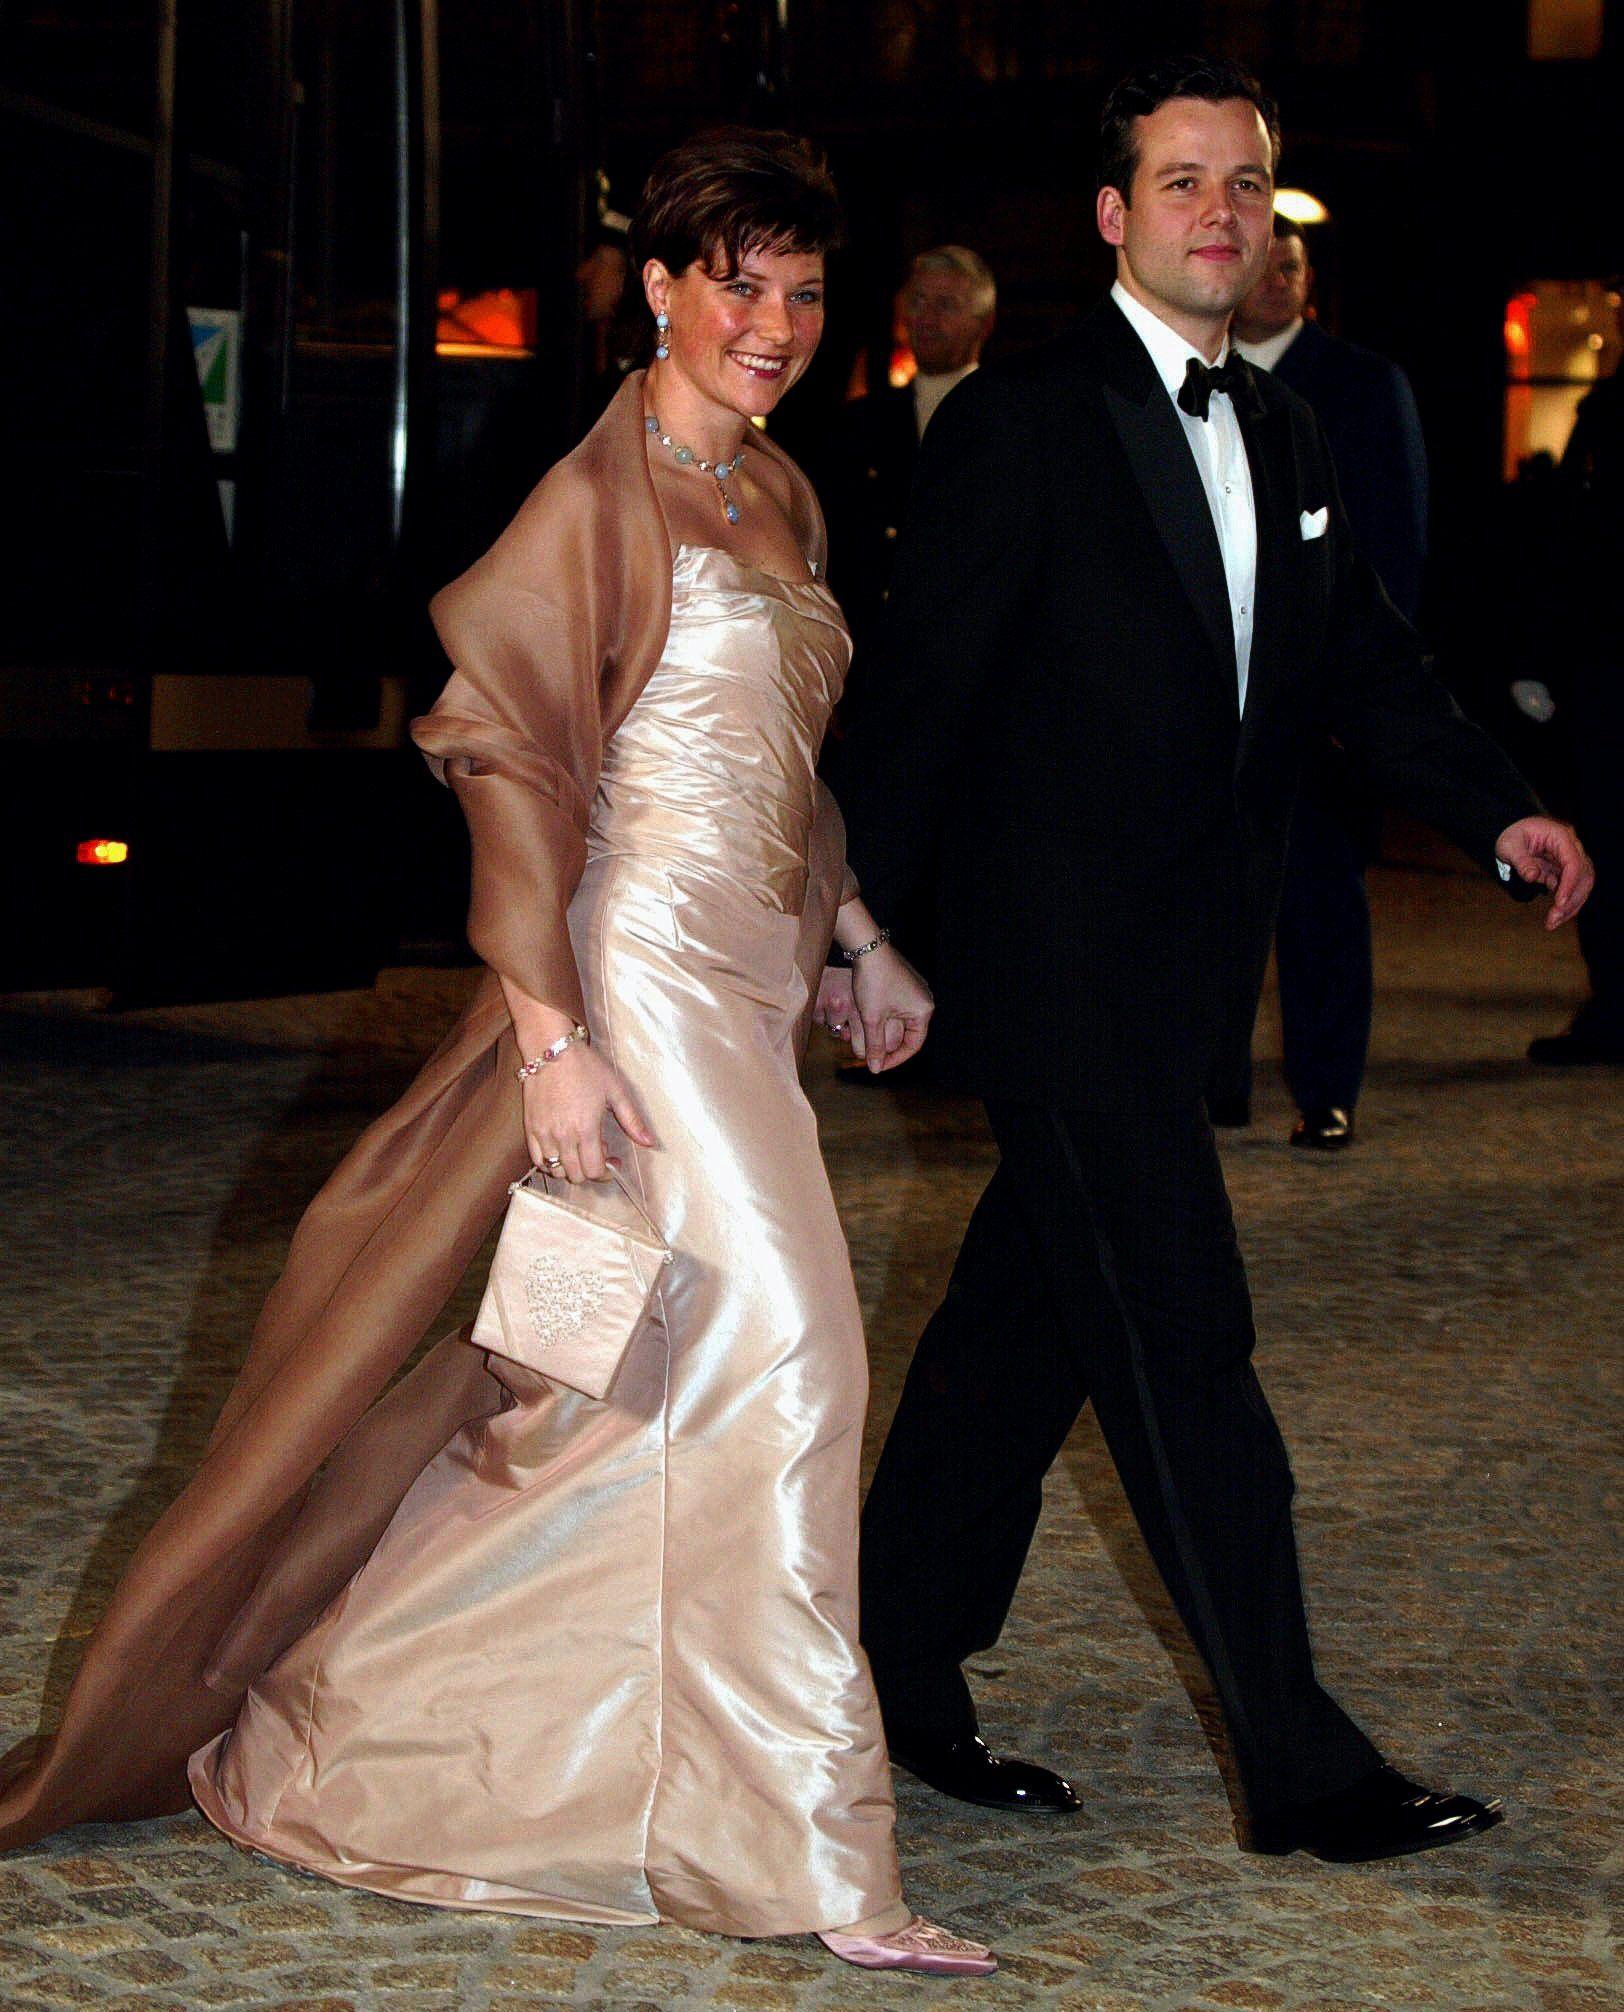 DEN GANG: Prinsessen og forloveden Ari Behn ankommer Palasset i Amsterdam til det nederlanske brudeparet, februar 2002.